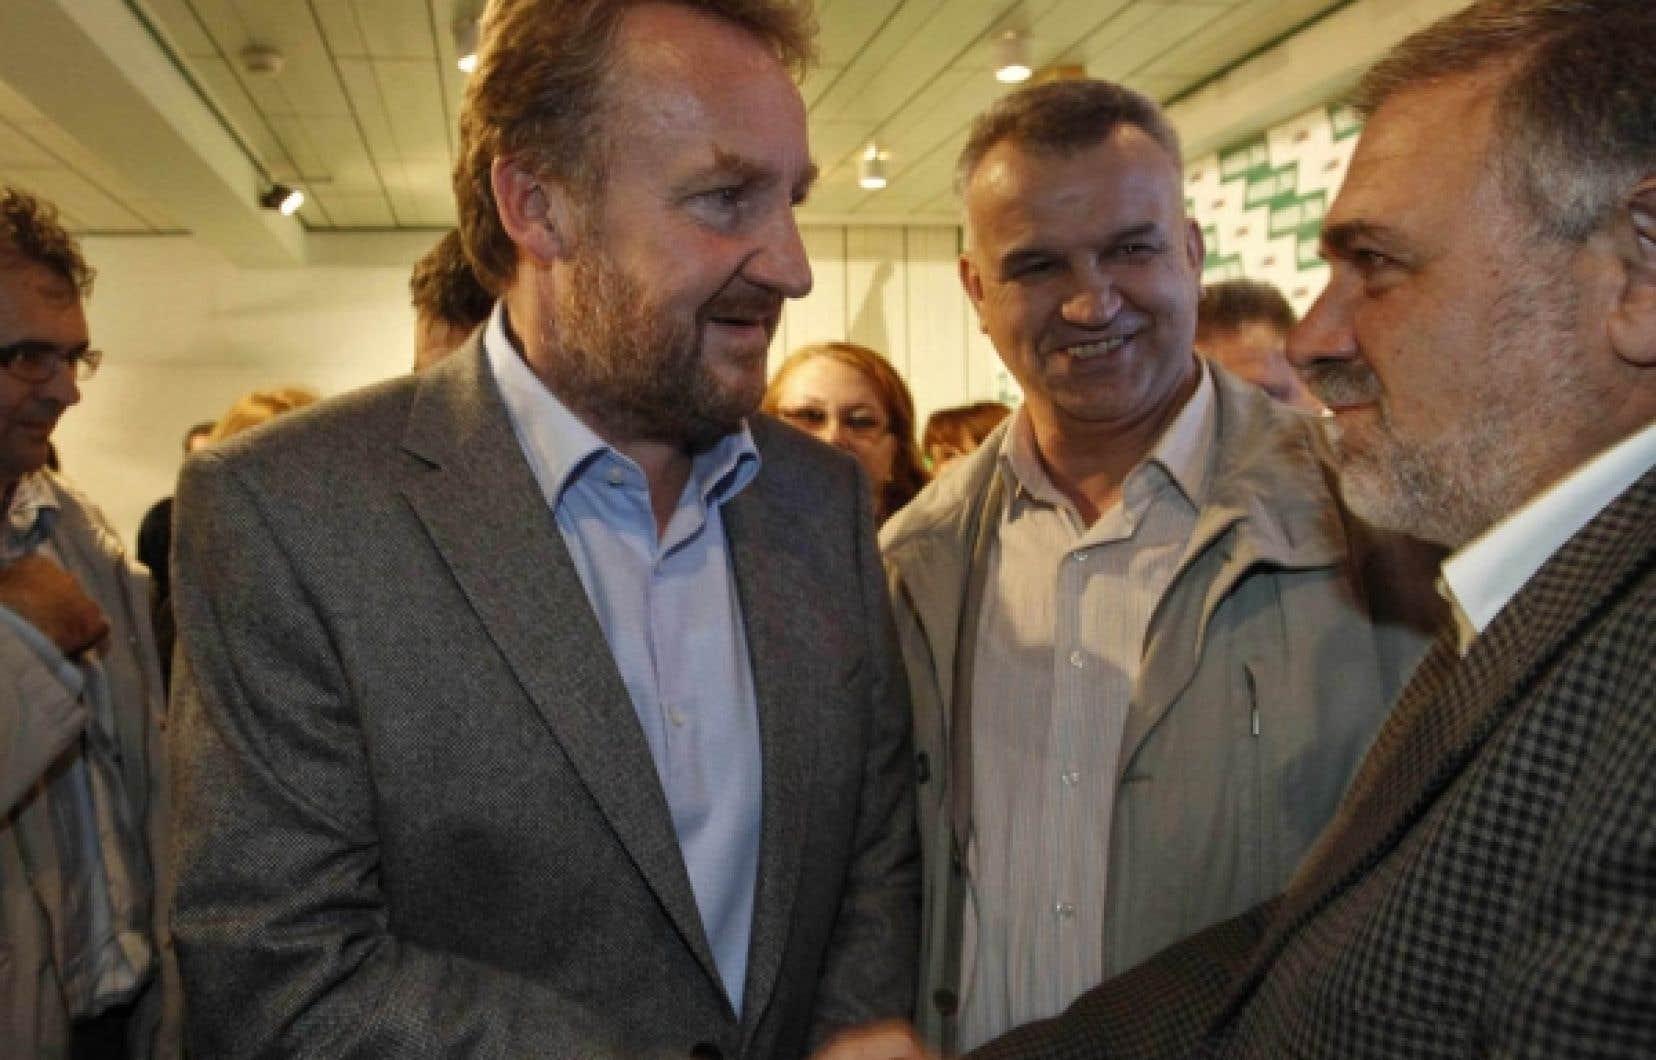 Bakir Izetbegovic (à gauche) est le fils d'Alija Izetbegovic, qui fut une figure emblématique de la communauté musulmane pendant la guerre.<br />